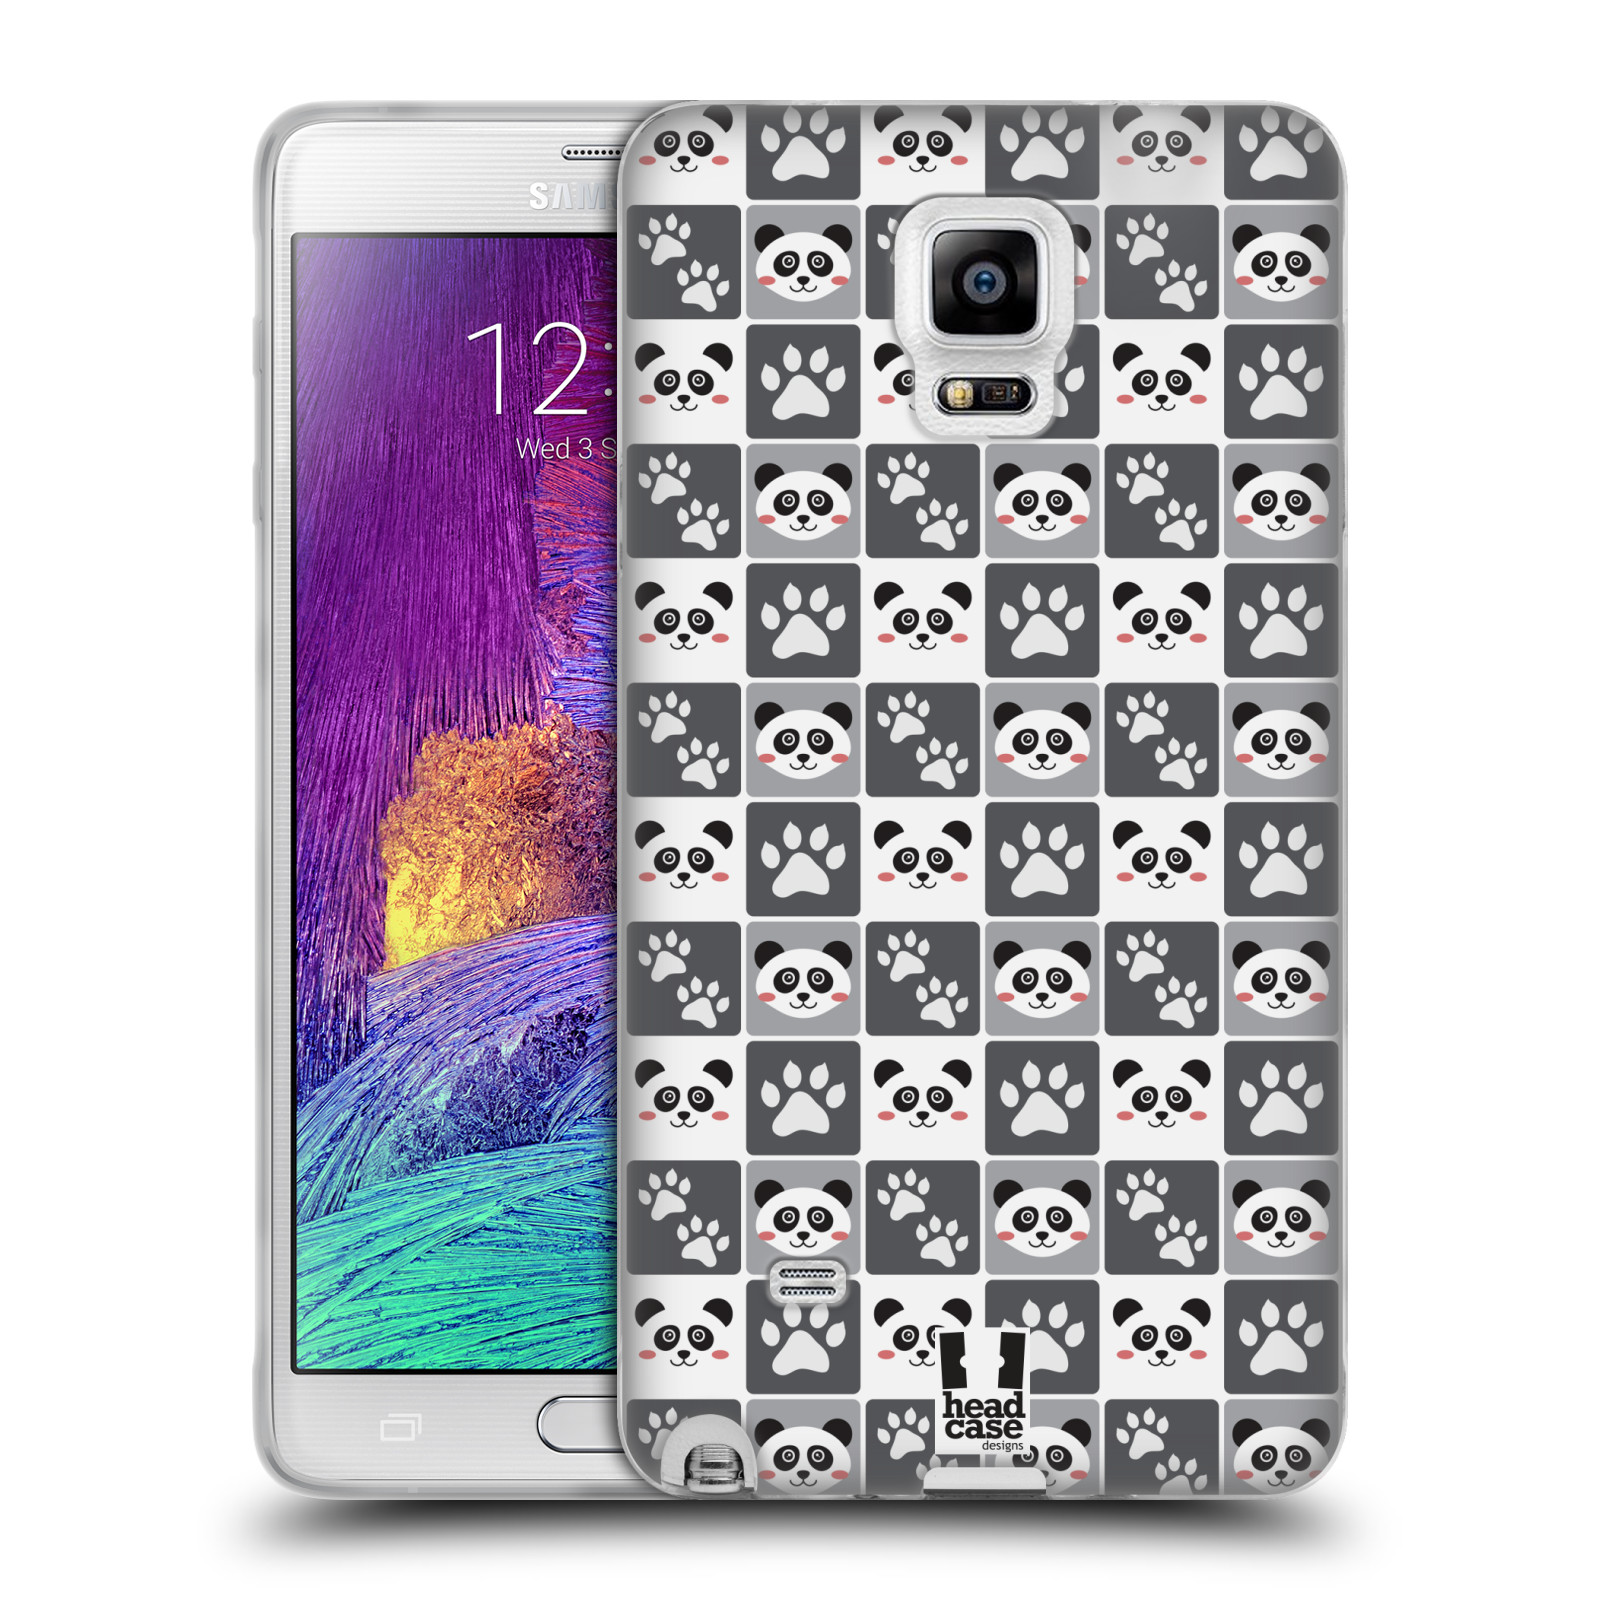 HEAD CASE silikonový obal na mobil Samsung Galaxy Note 4 (N910) vzor Zvířecí razítka MEDVÍDEK PANDA